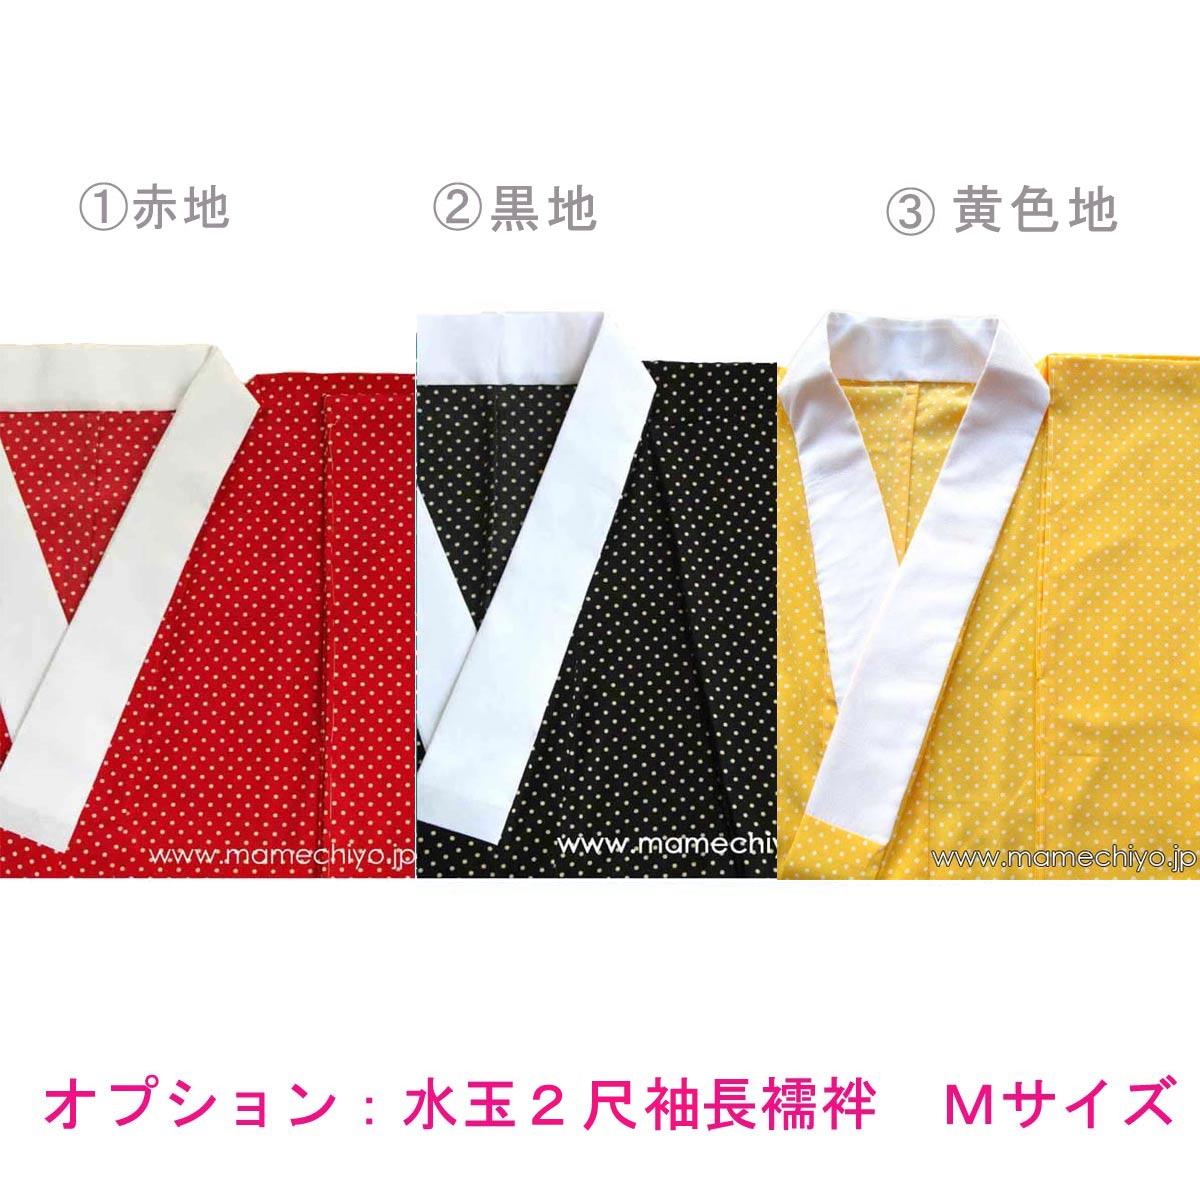 【レンタル】袴 ラブーシュカ